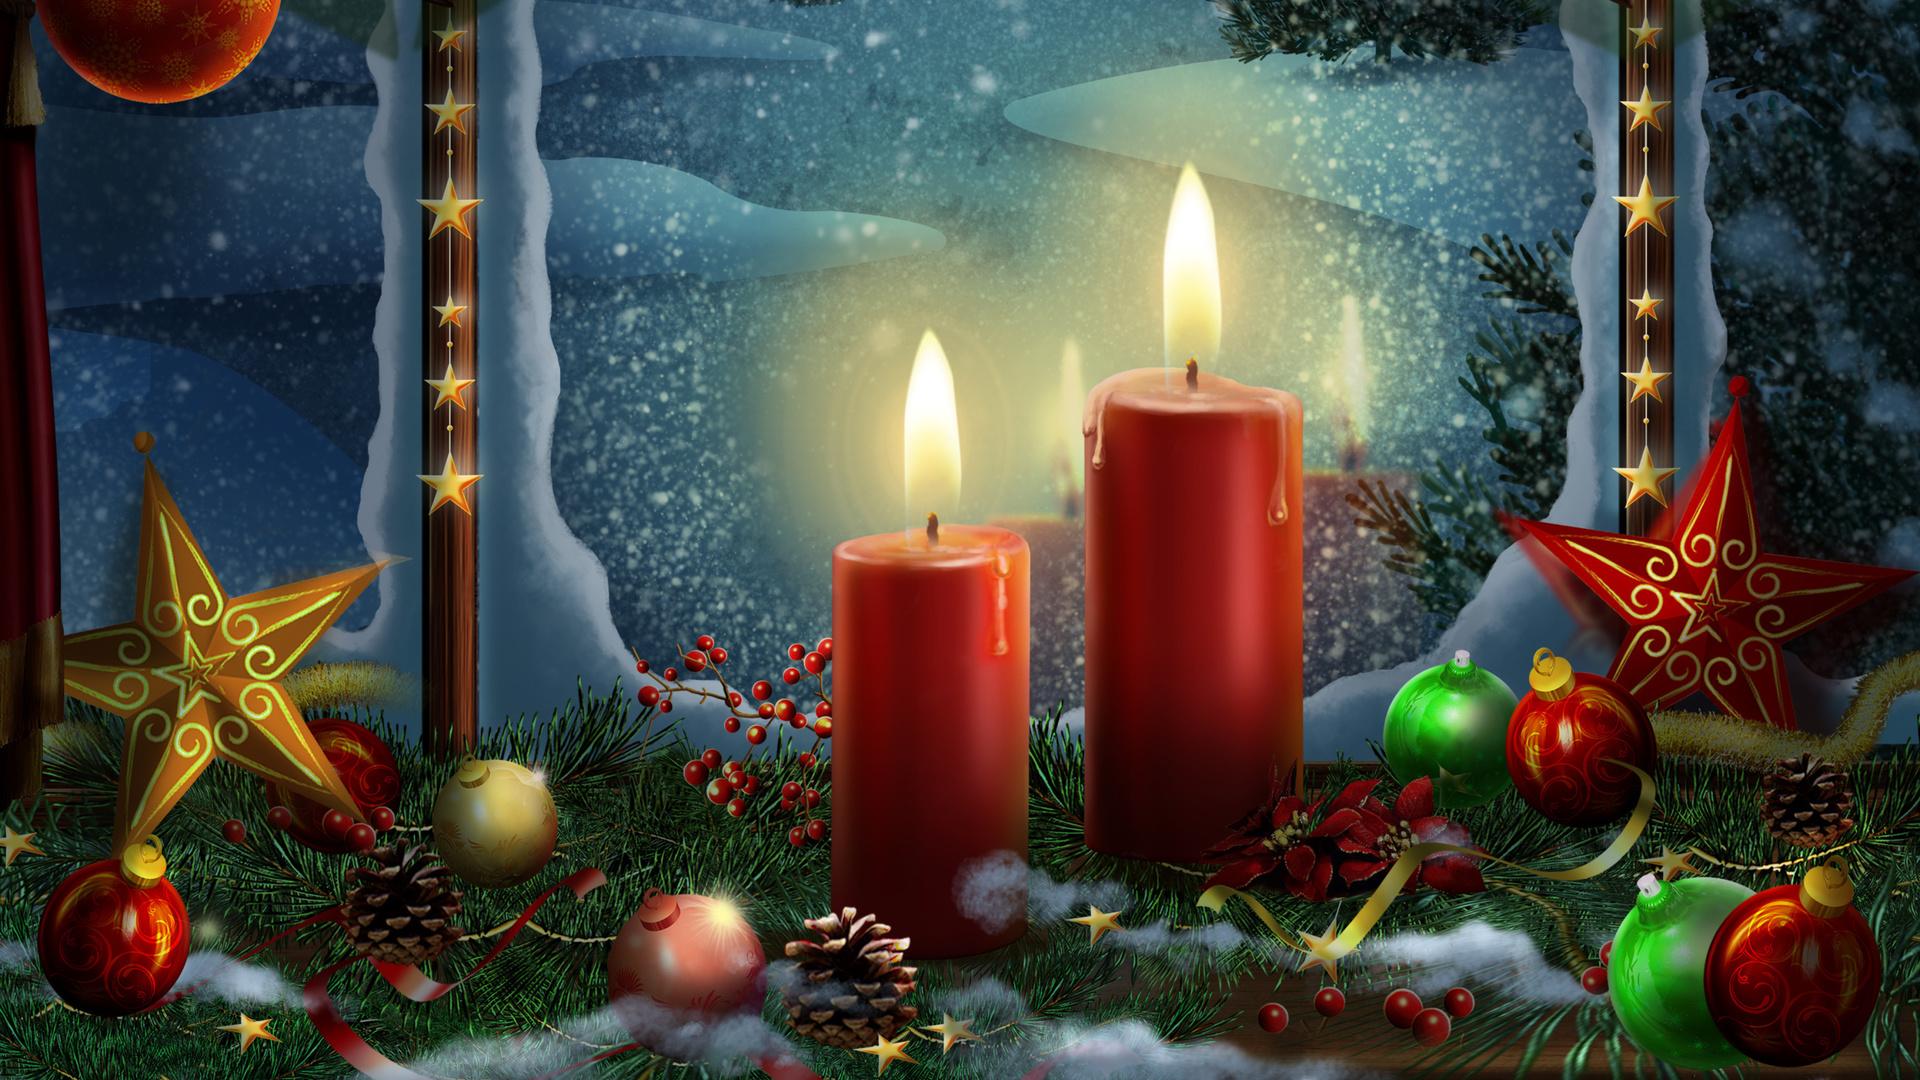 Анимация рождественские картинки